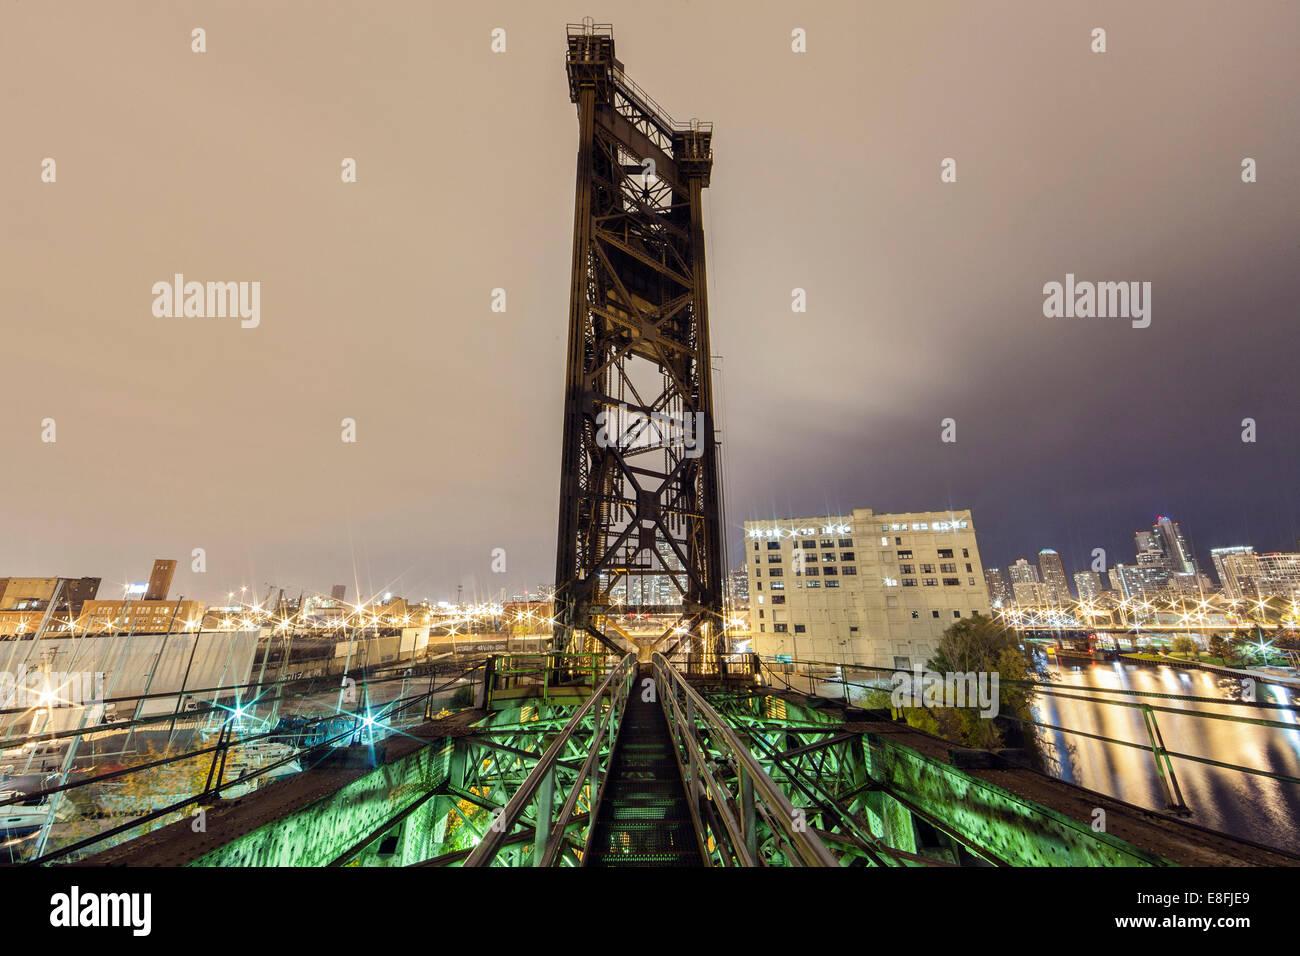 États-unis, Illinois, Chicago, comté de Cook, Chinatown Bridge Photo Stock